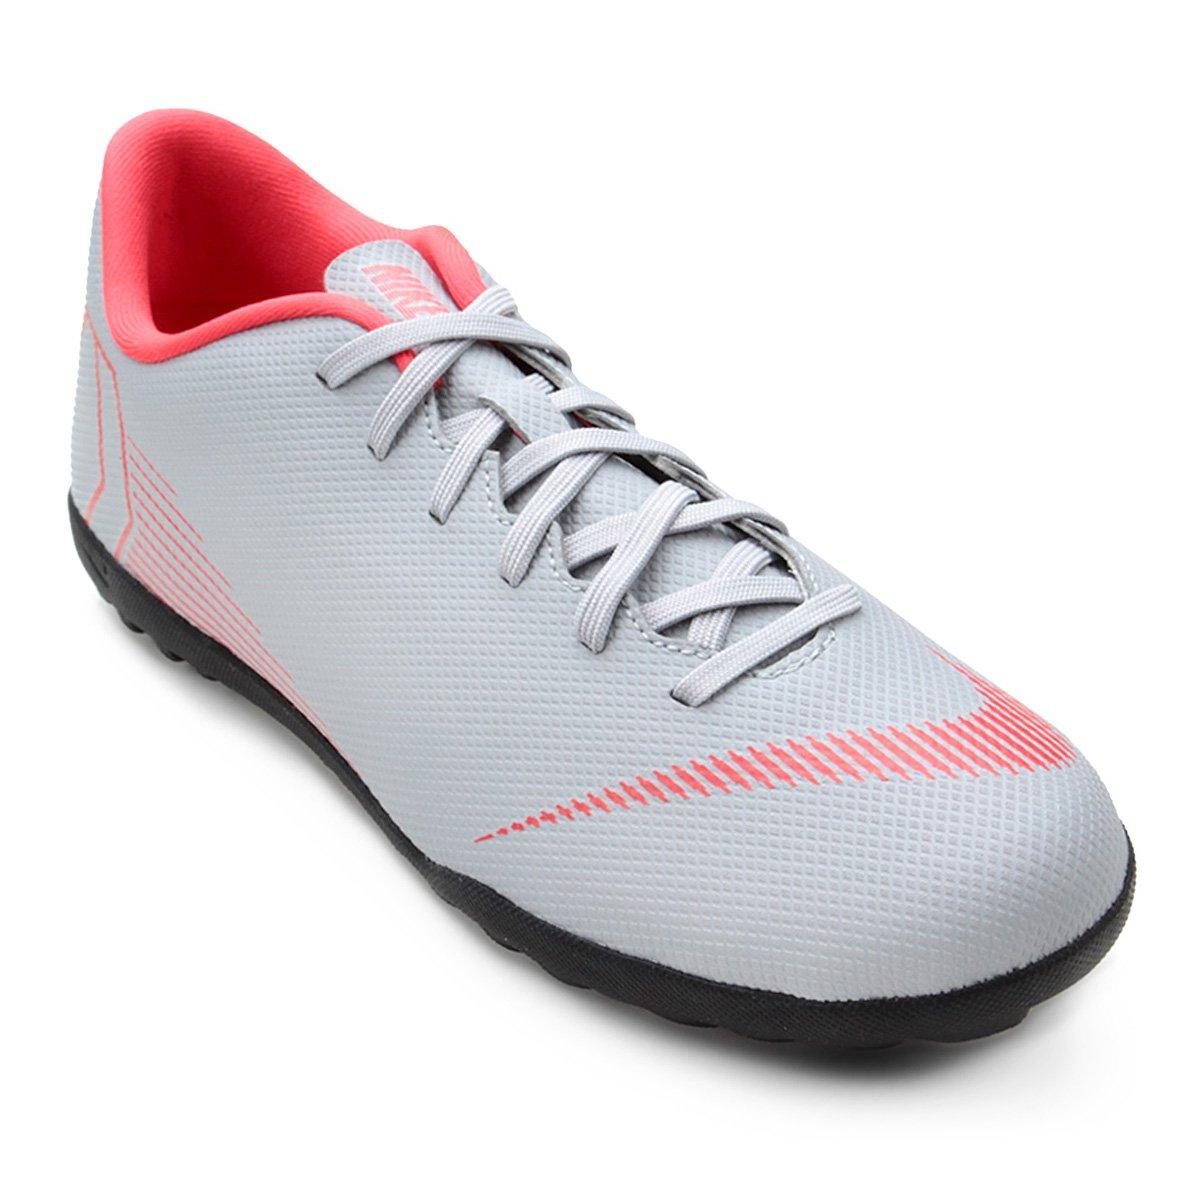 a323559240 Chuteira Nike Society Mercurial Vapor 12 Club - Cinza - Compre Agora ...